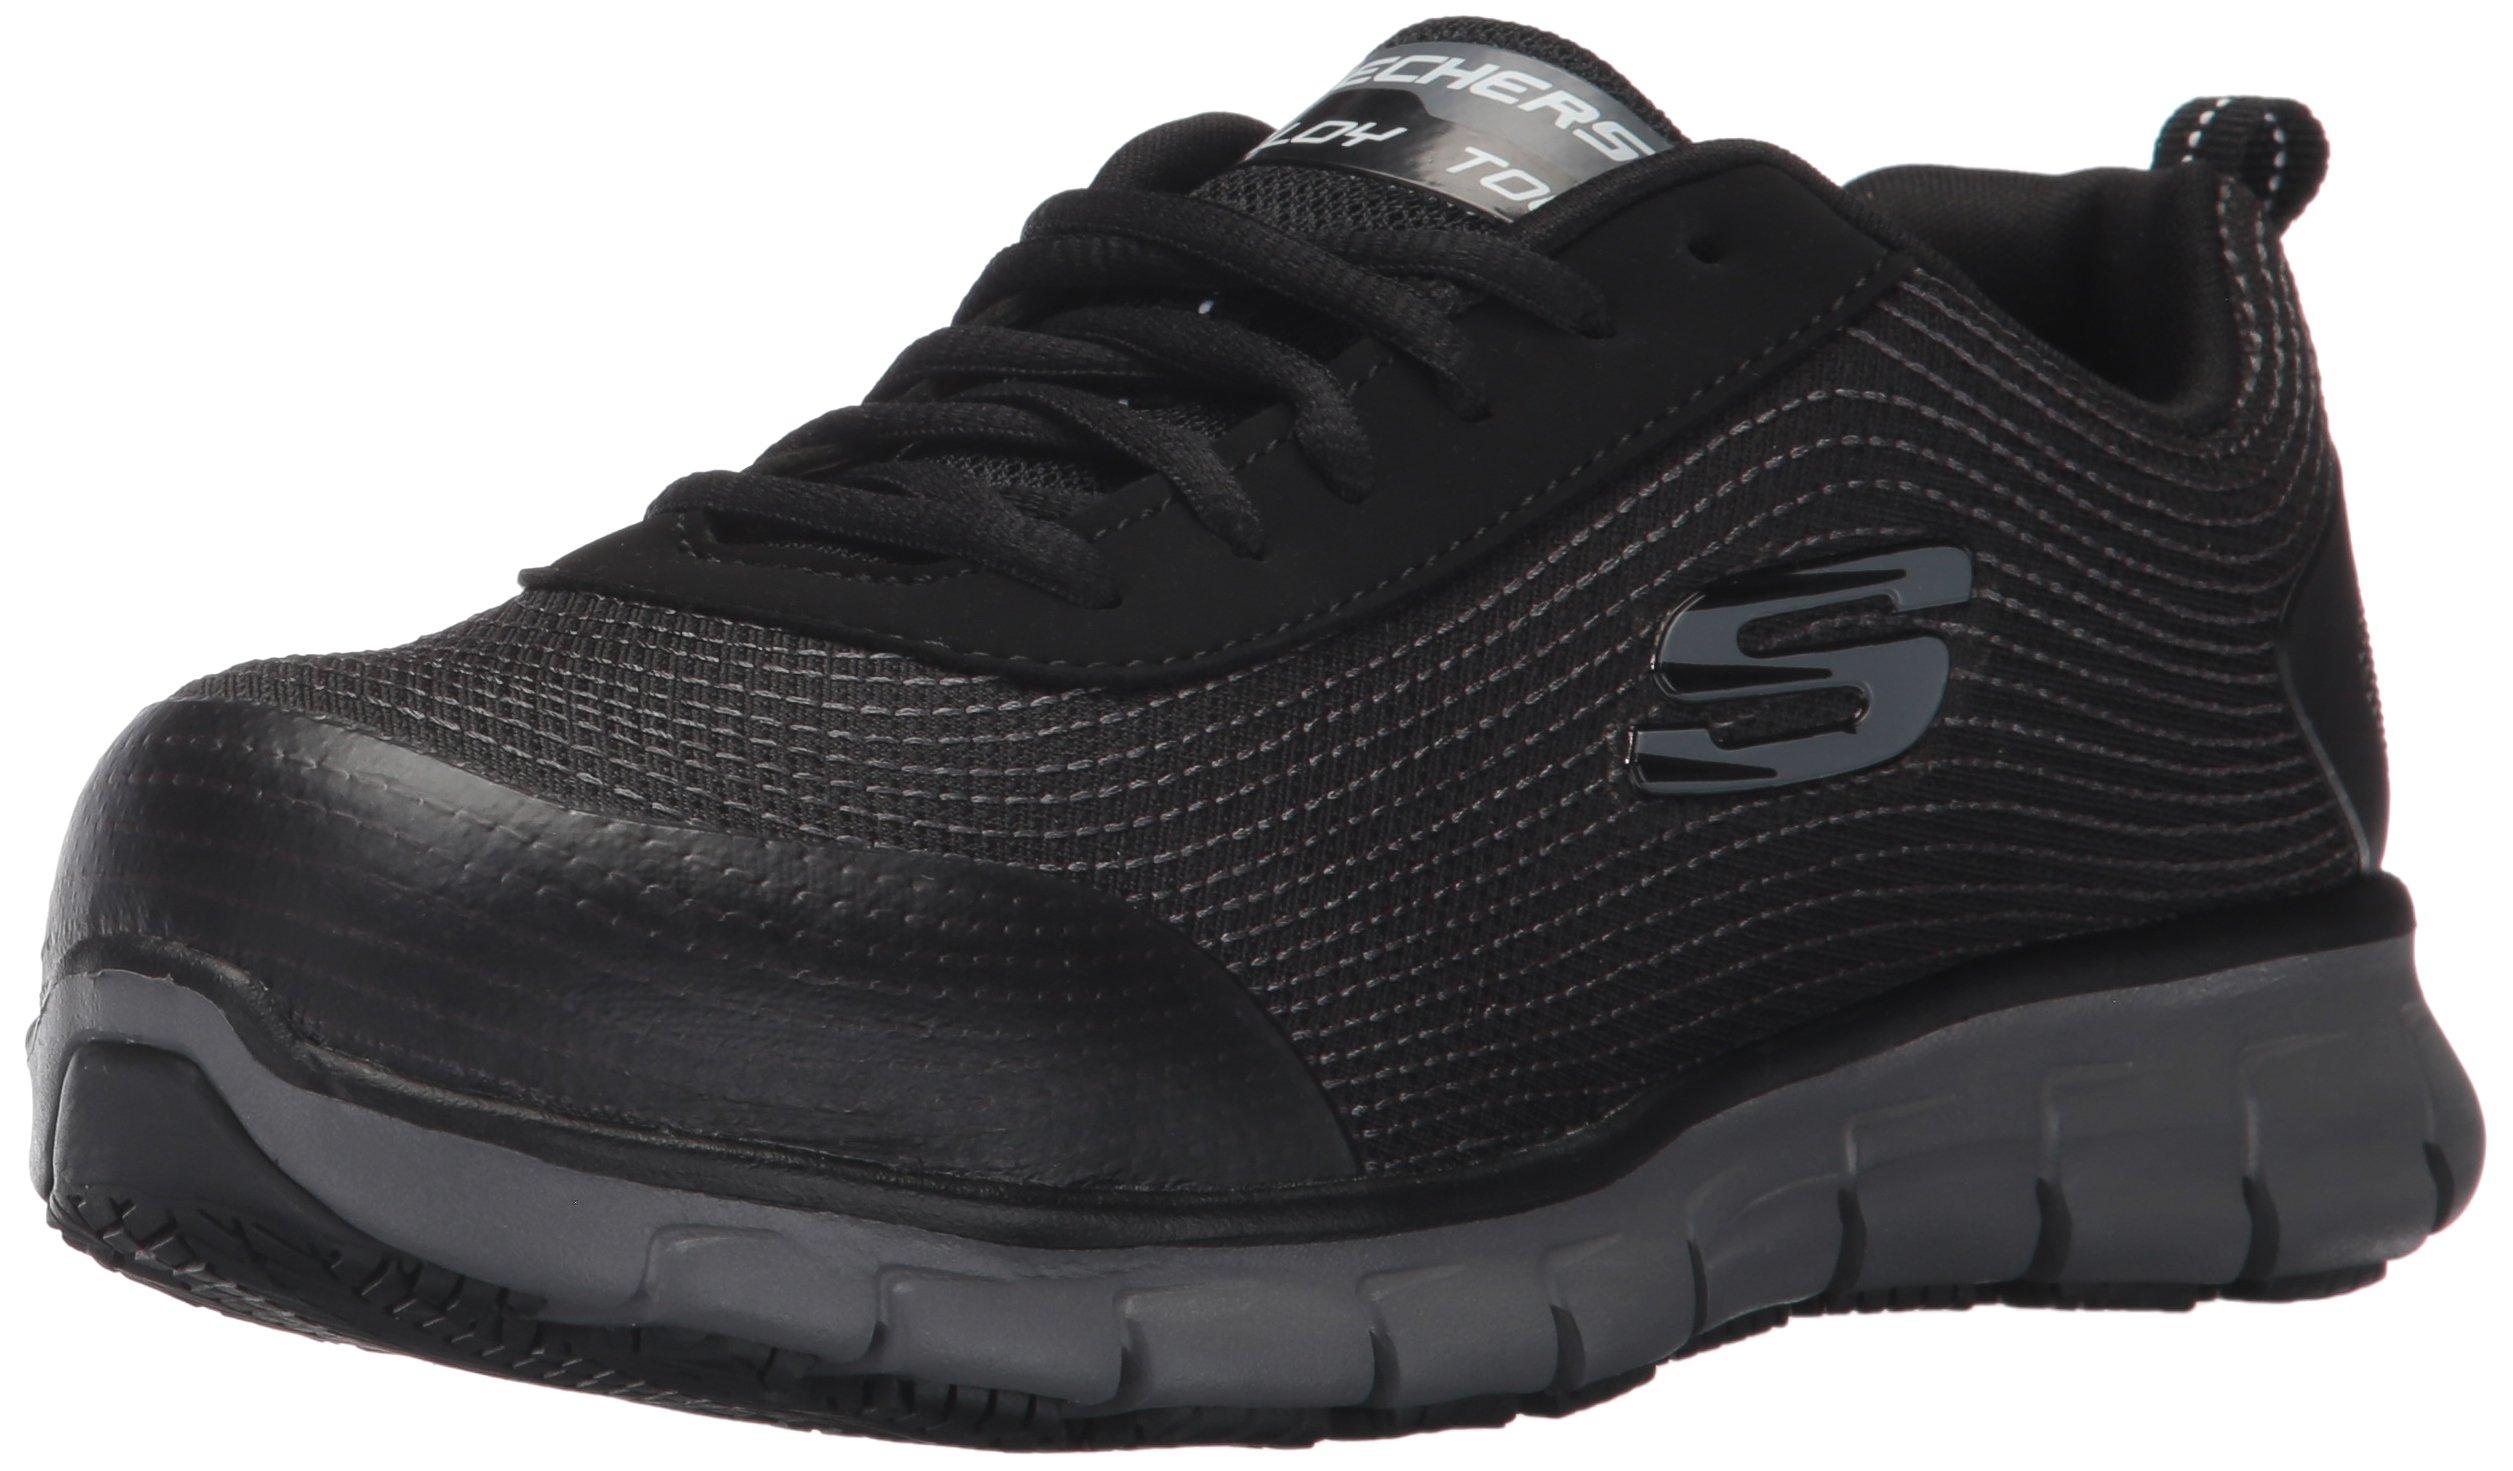 Skechers for Work Women's Synergy Wingor Work Shoe, Black, 7 M US